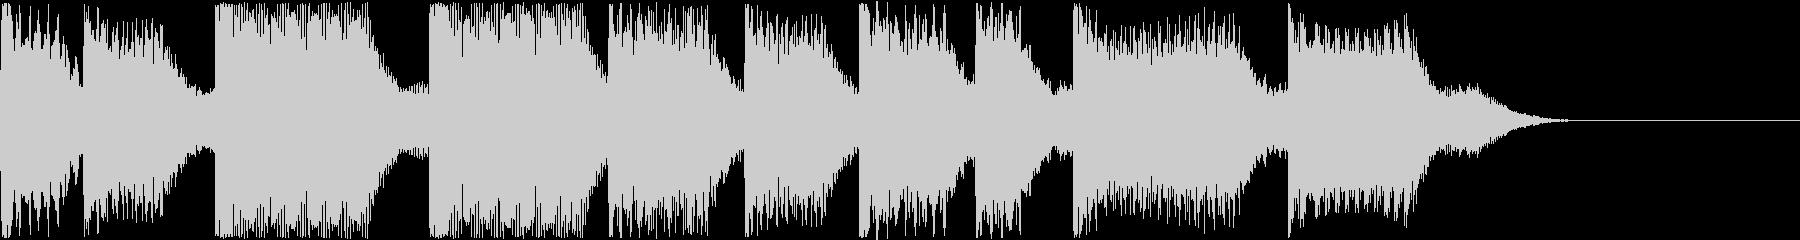 AI メカ/ロボ/マシン動作音 9の未再生の波形